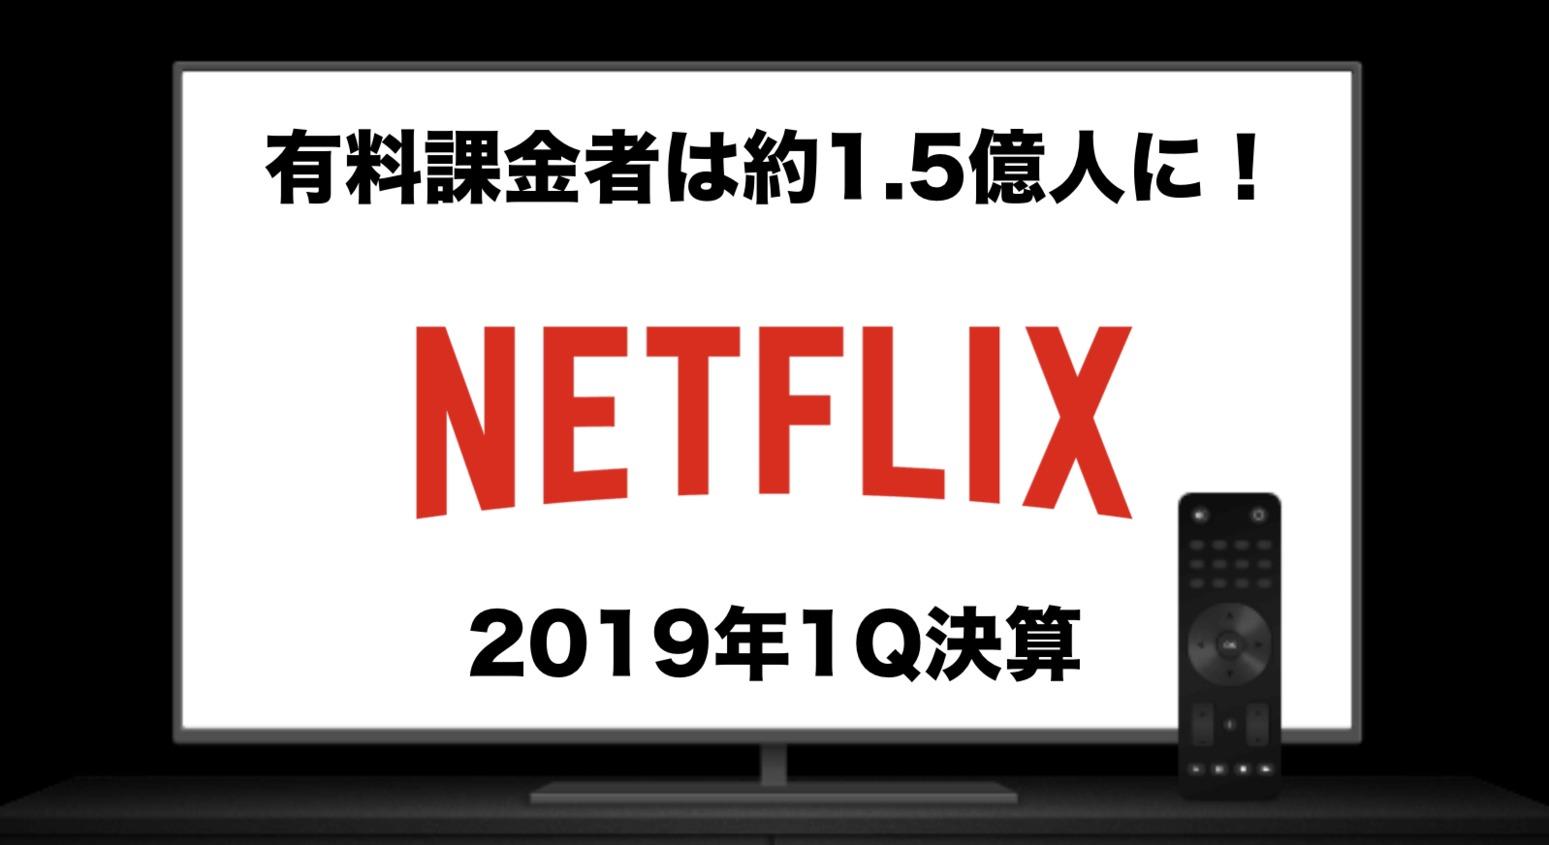 有料課金者は約1.5億人に!「Netflix」2019年1Q決算